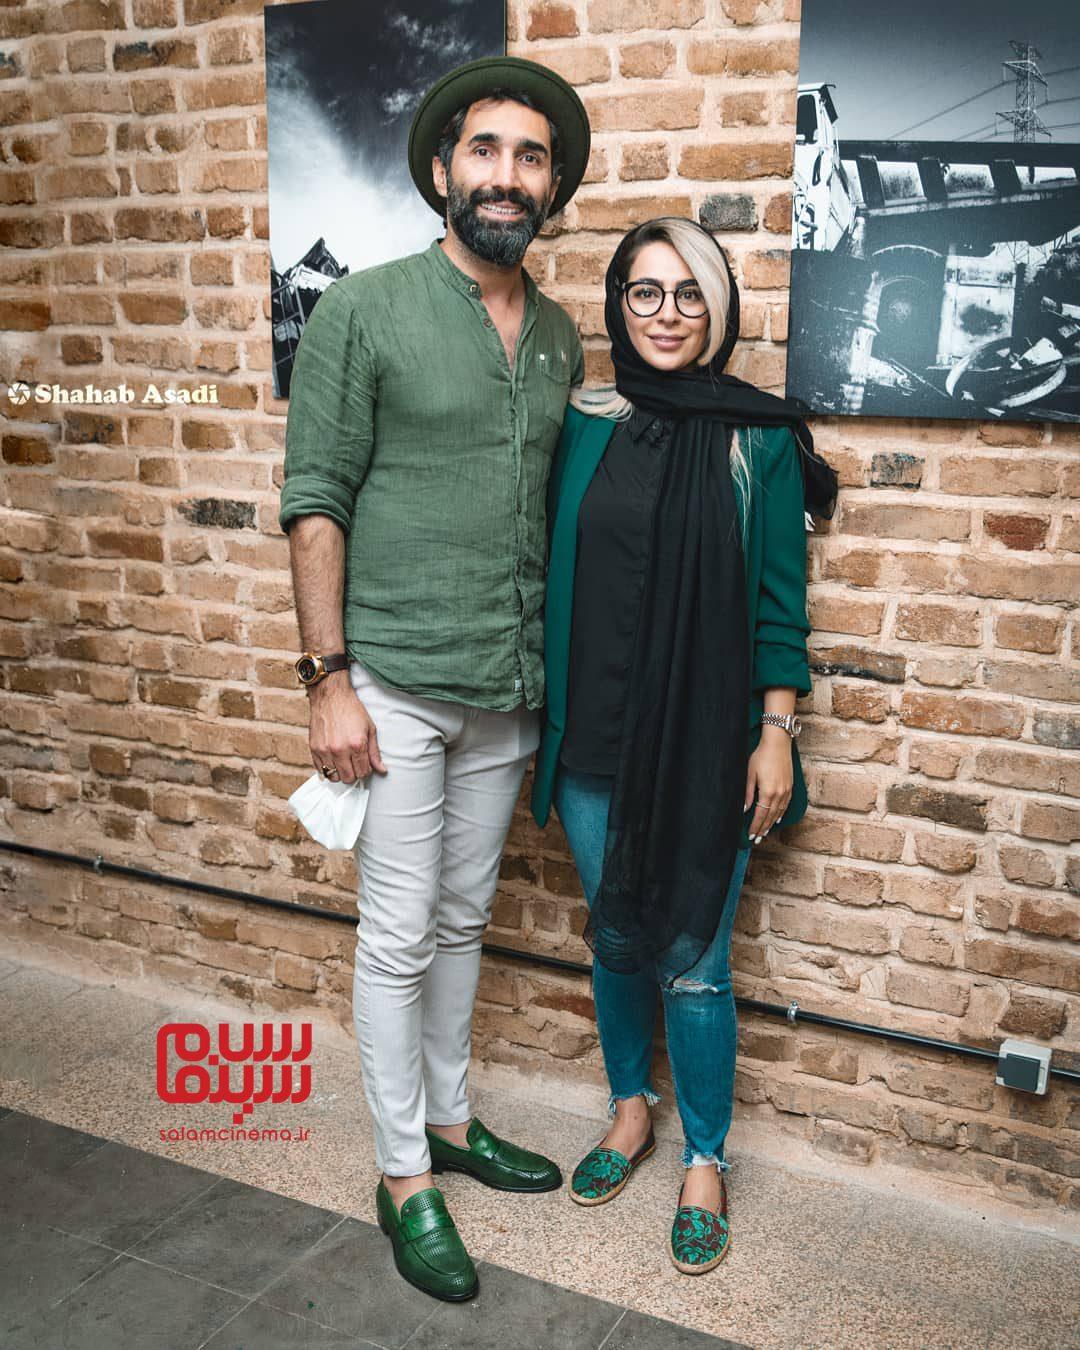 هادی کاظمی و همسرش سمانه پاکدل - افتتاحیه نمایشگاه عکس برزخ